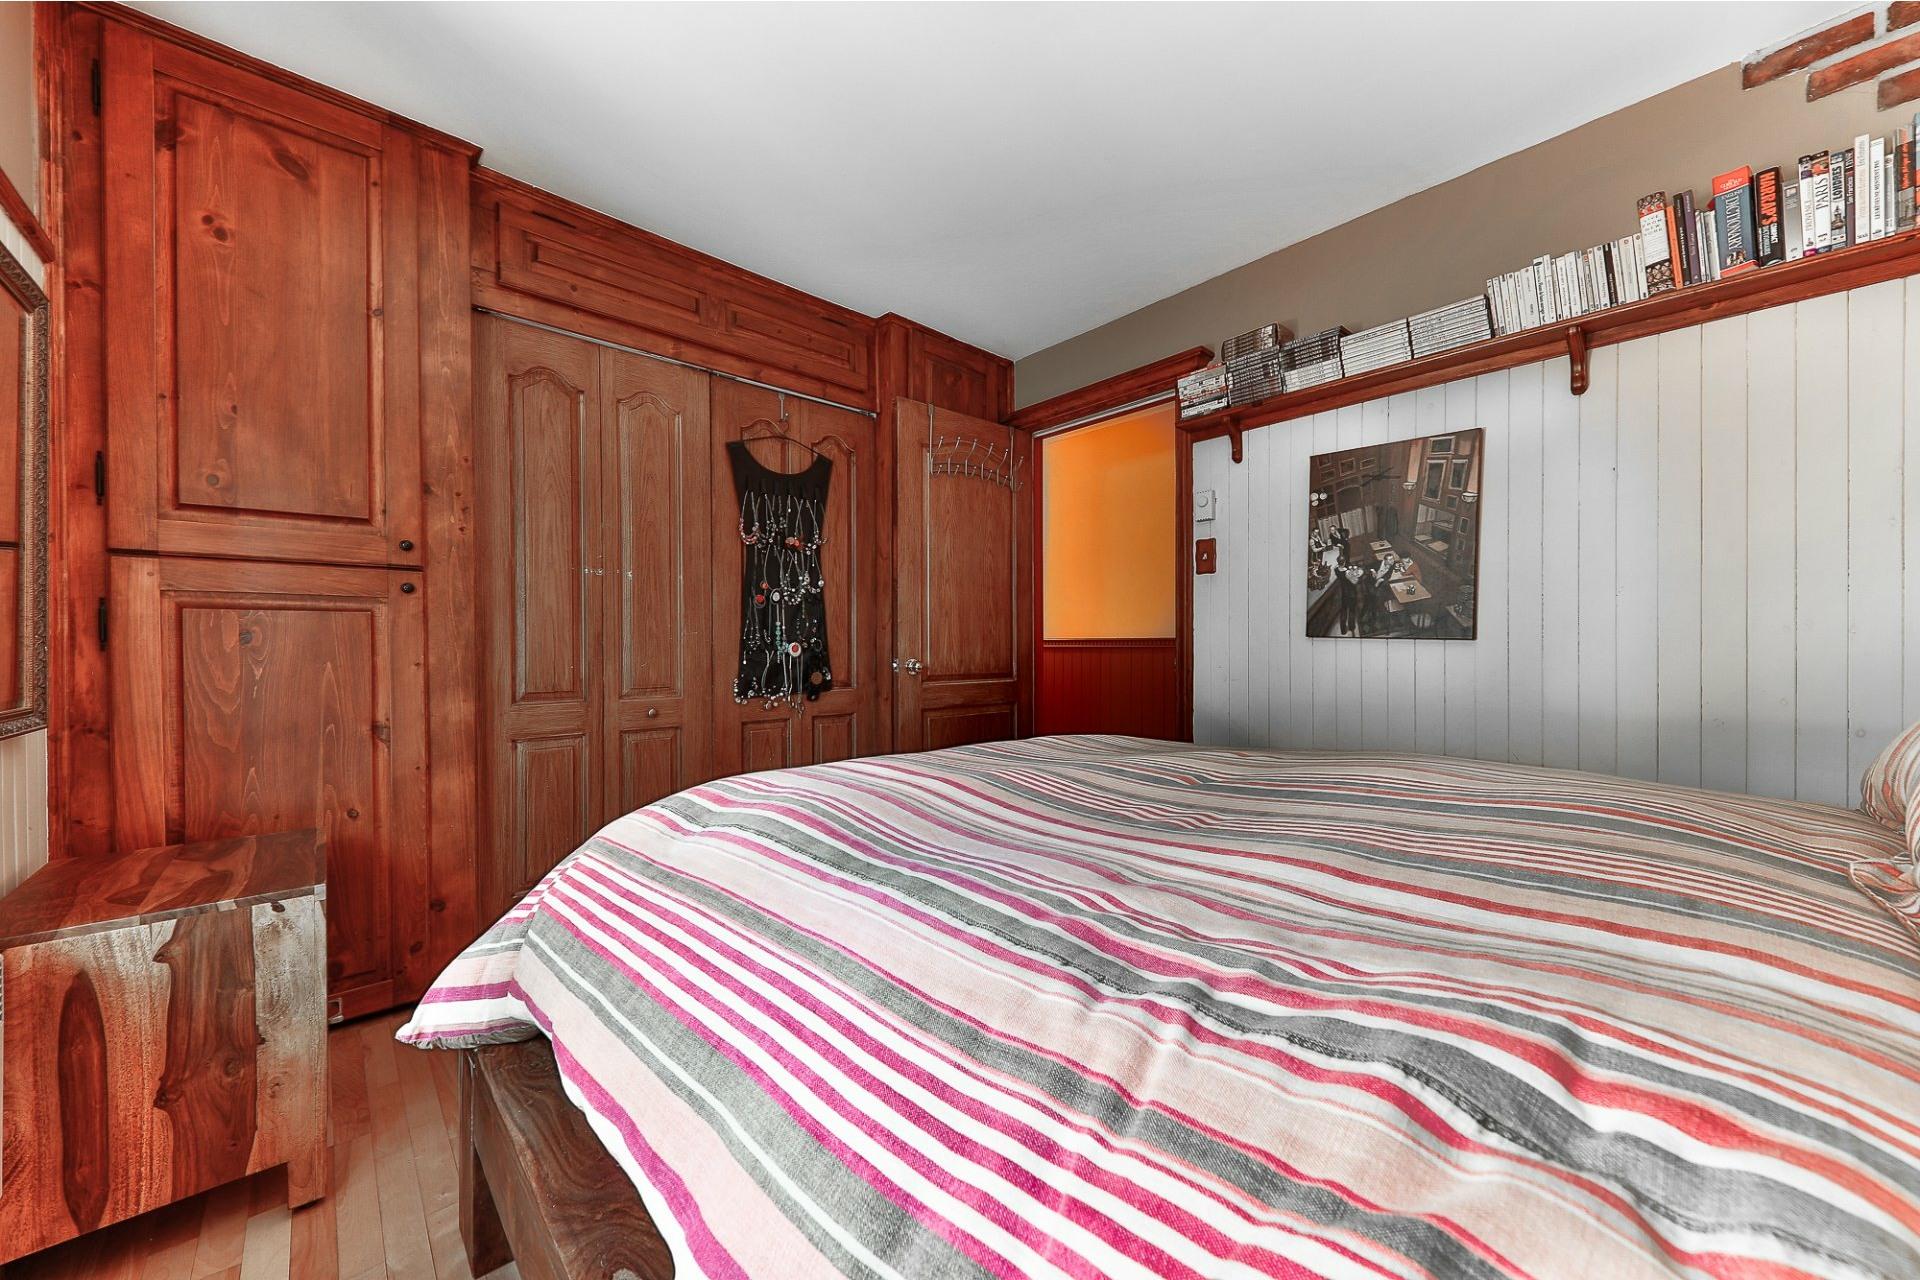 image 12 - Apartment For sale Villeray/Saint-Michel/Parc-Extension Montréal  - 6 rooms